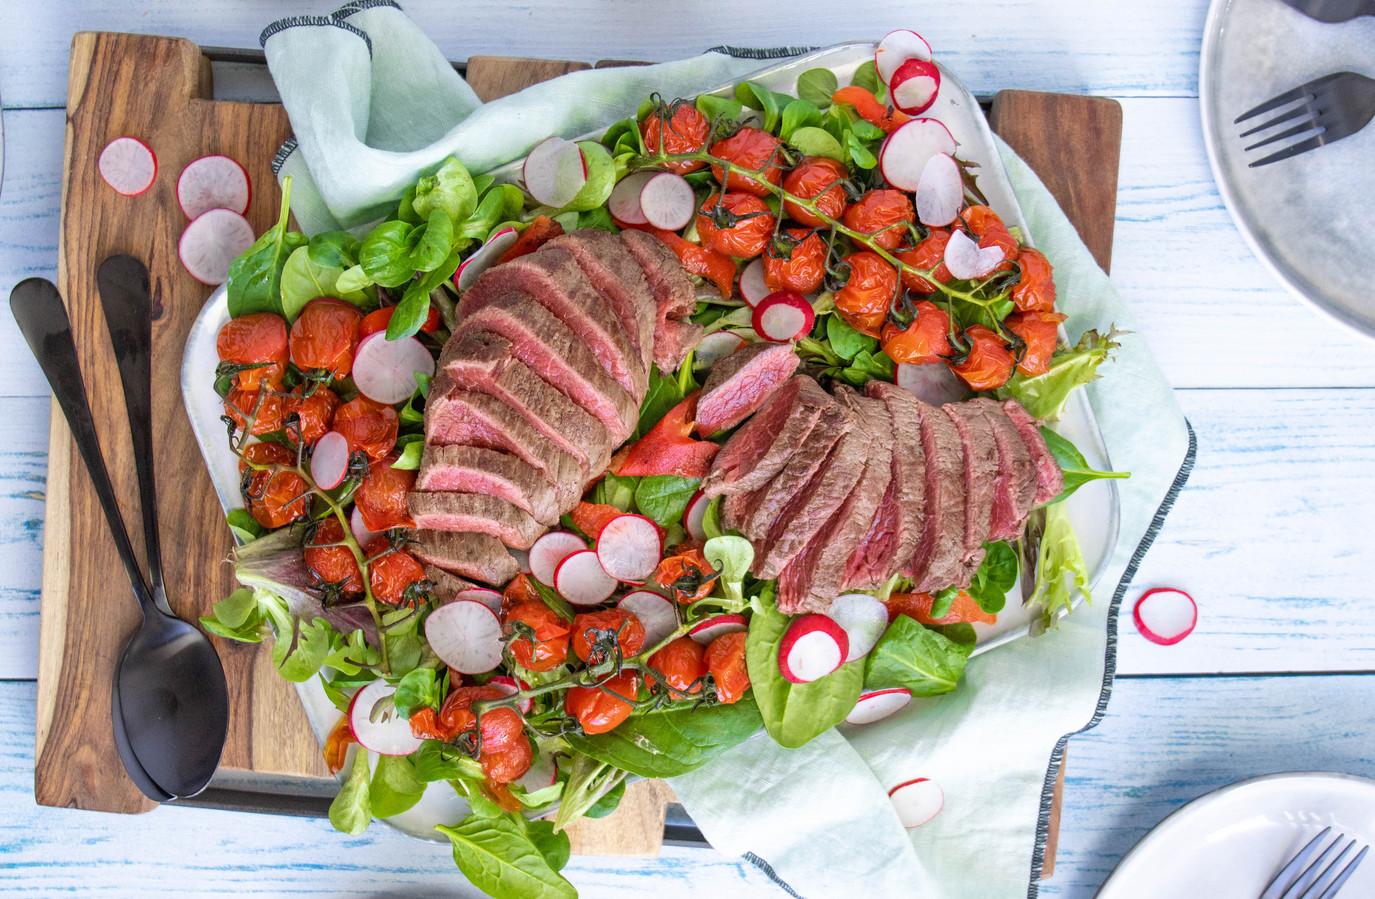 Biefstuksalade met gepofte tomaatjes.